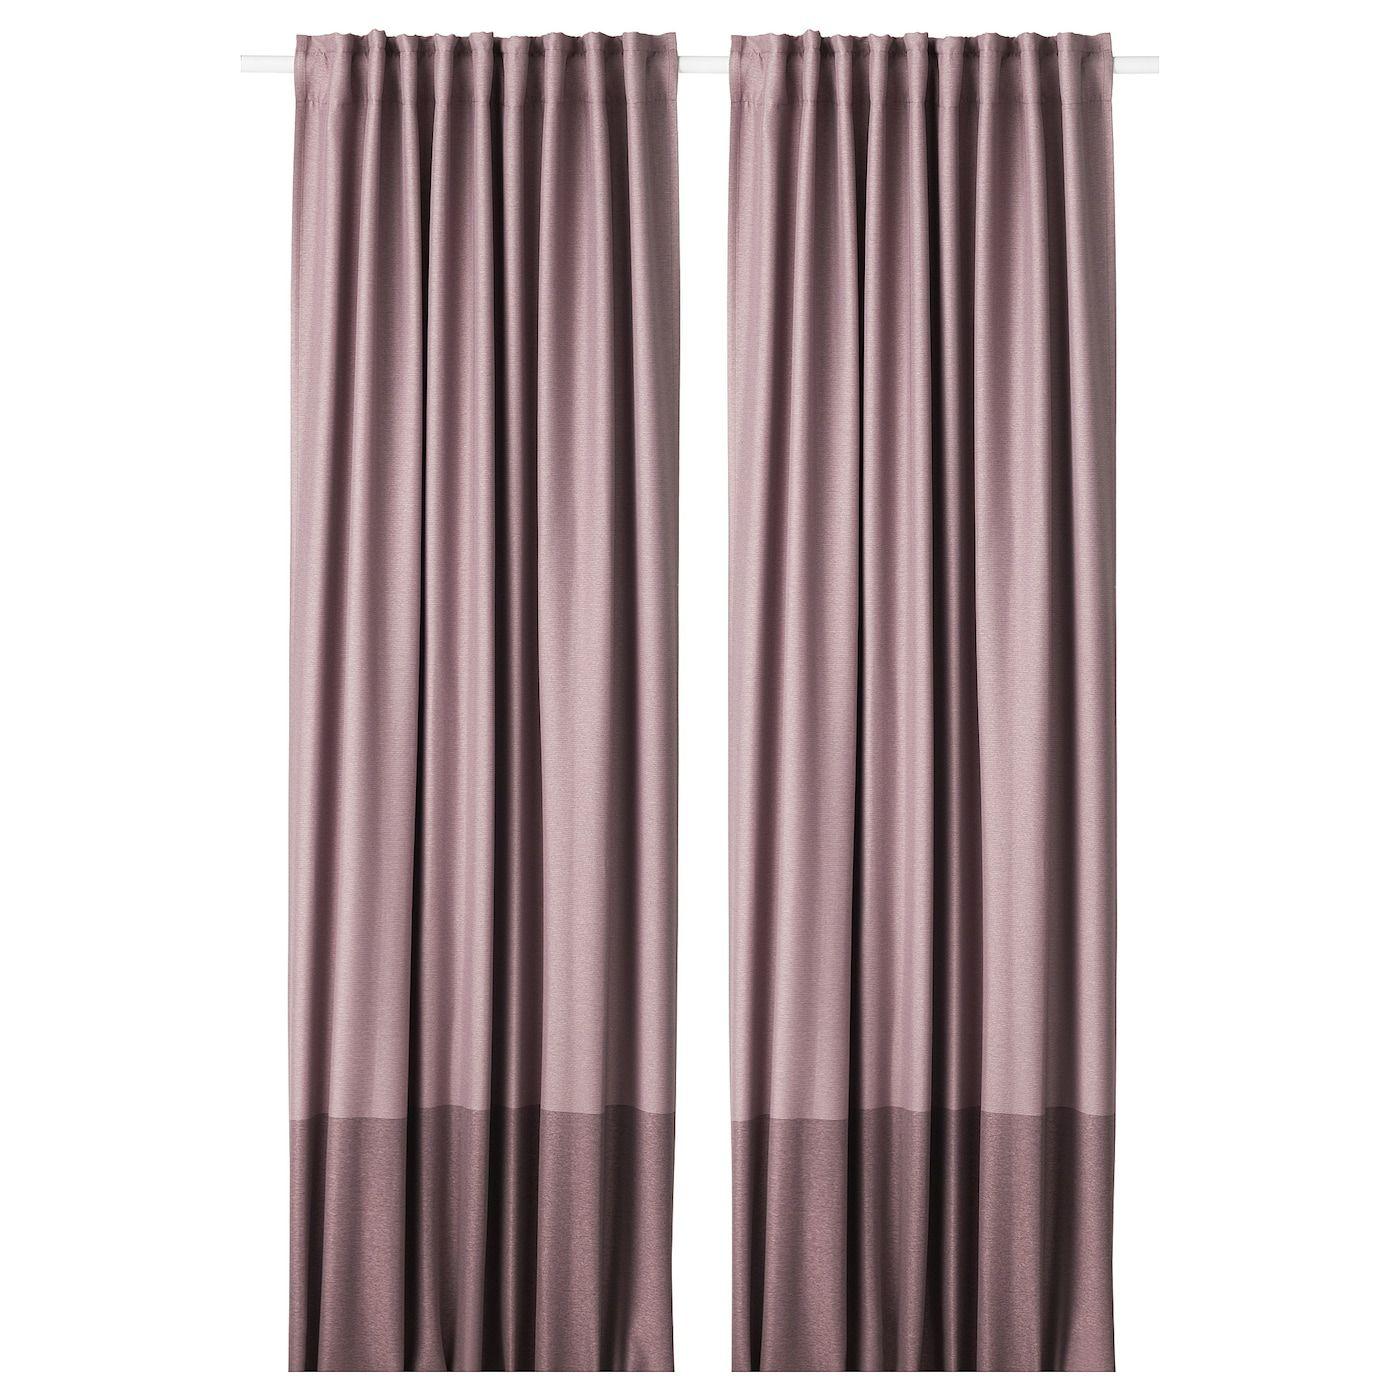 Ikea Tringle Rideau Sans Percer ikea - marjun rideaux assombrissants, 2 panneaux mauve en